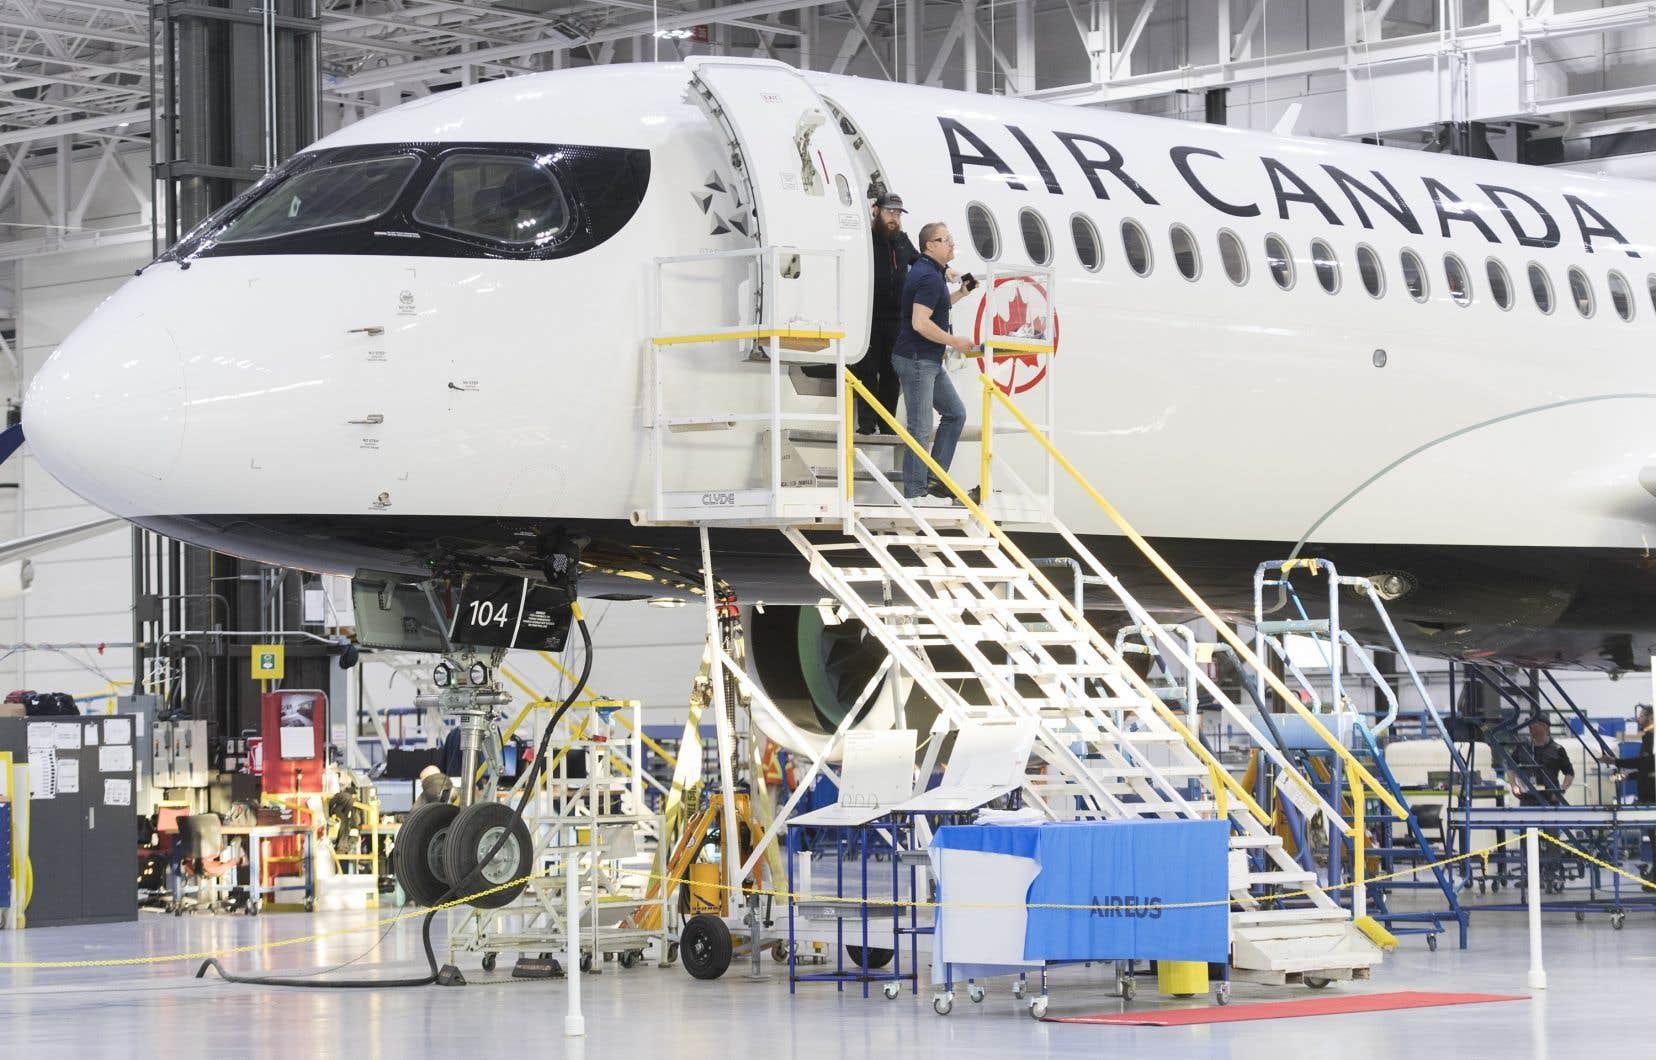 Les dernières annonces de commandes fermes d'avions commerciaux pour l'A220 d'Airbus remontent à janvier 2020.